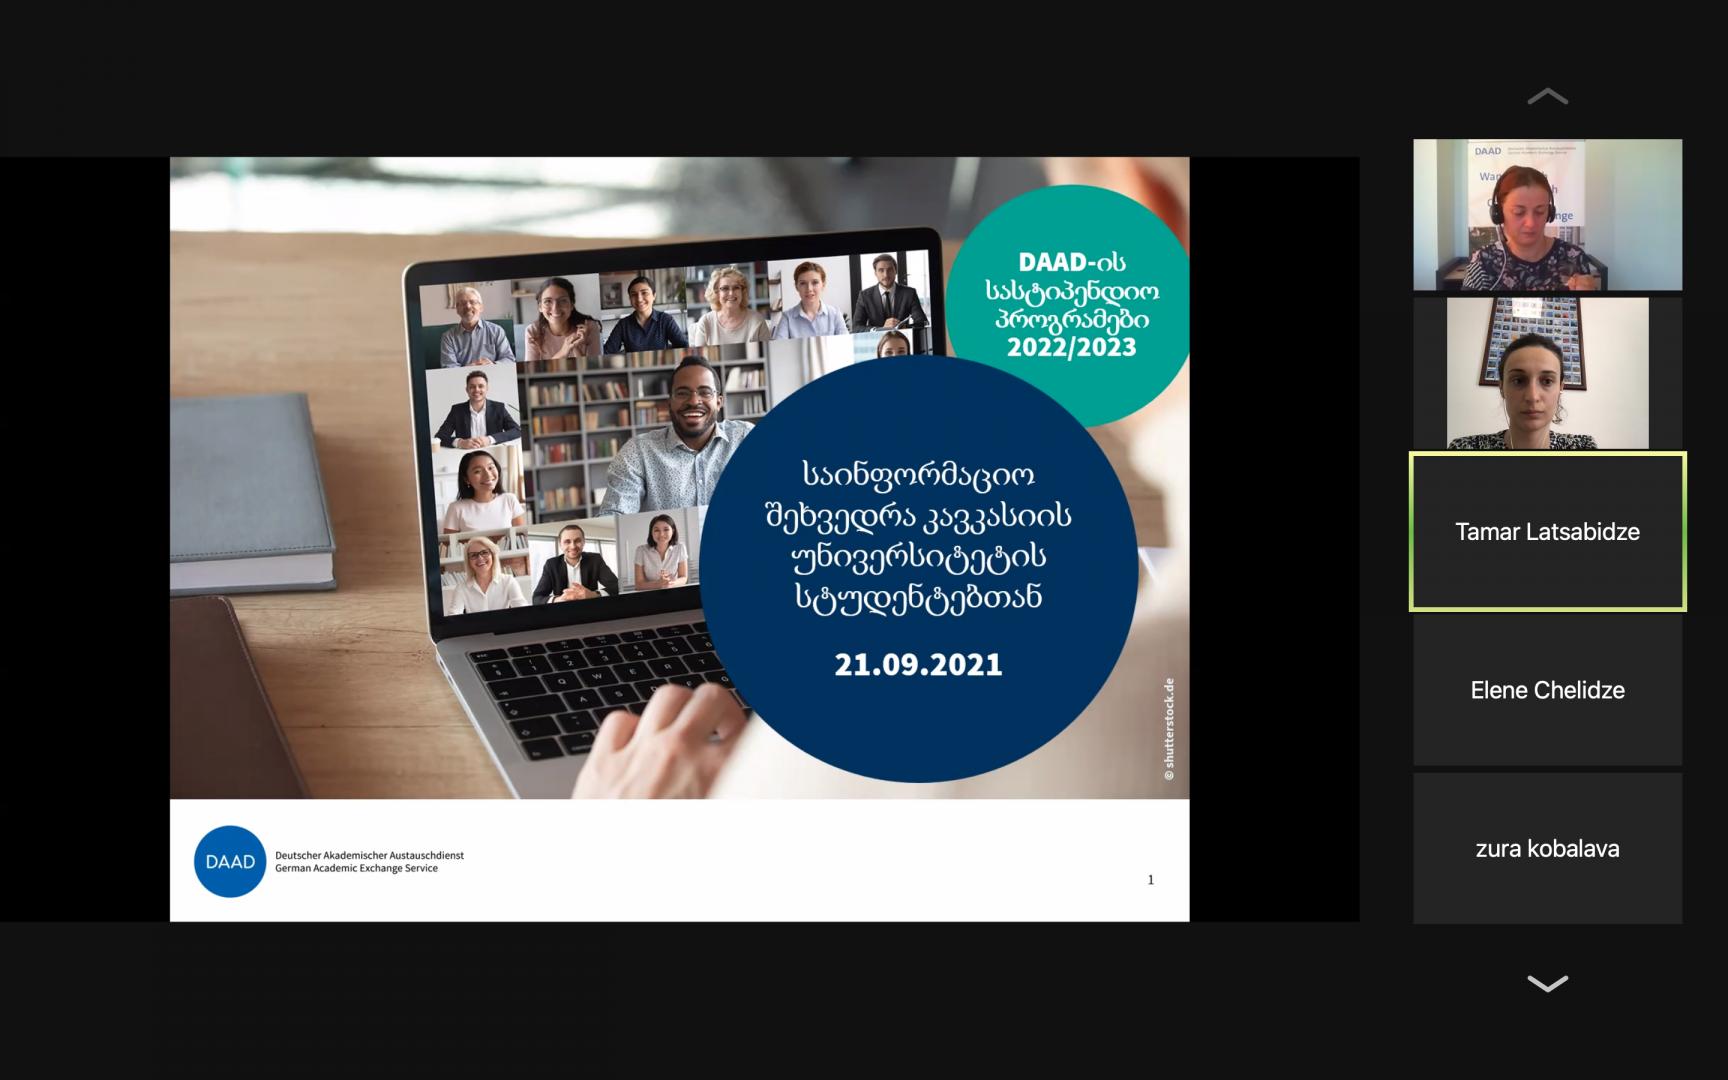 საინფორმაციო შეხვედრა გერმანიის აკადემიური გაცვლის სამსახურის (DAAD) სასტიპენდიო პროგრამების შესახებ